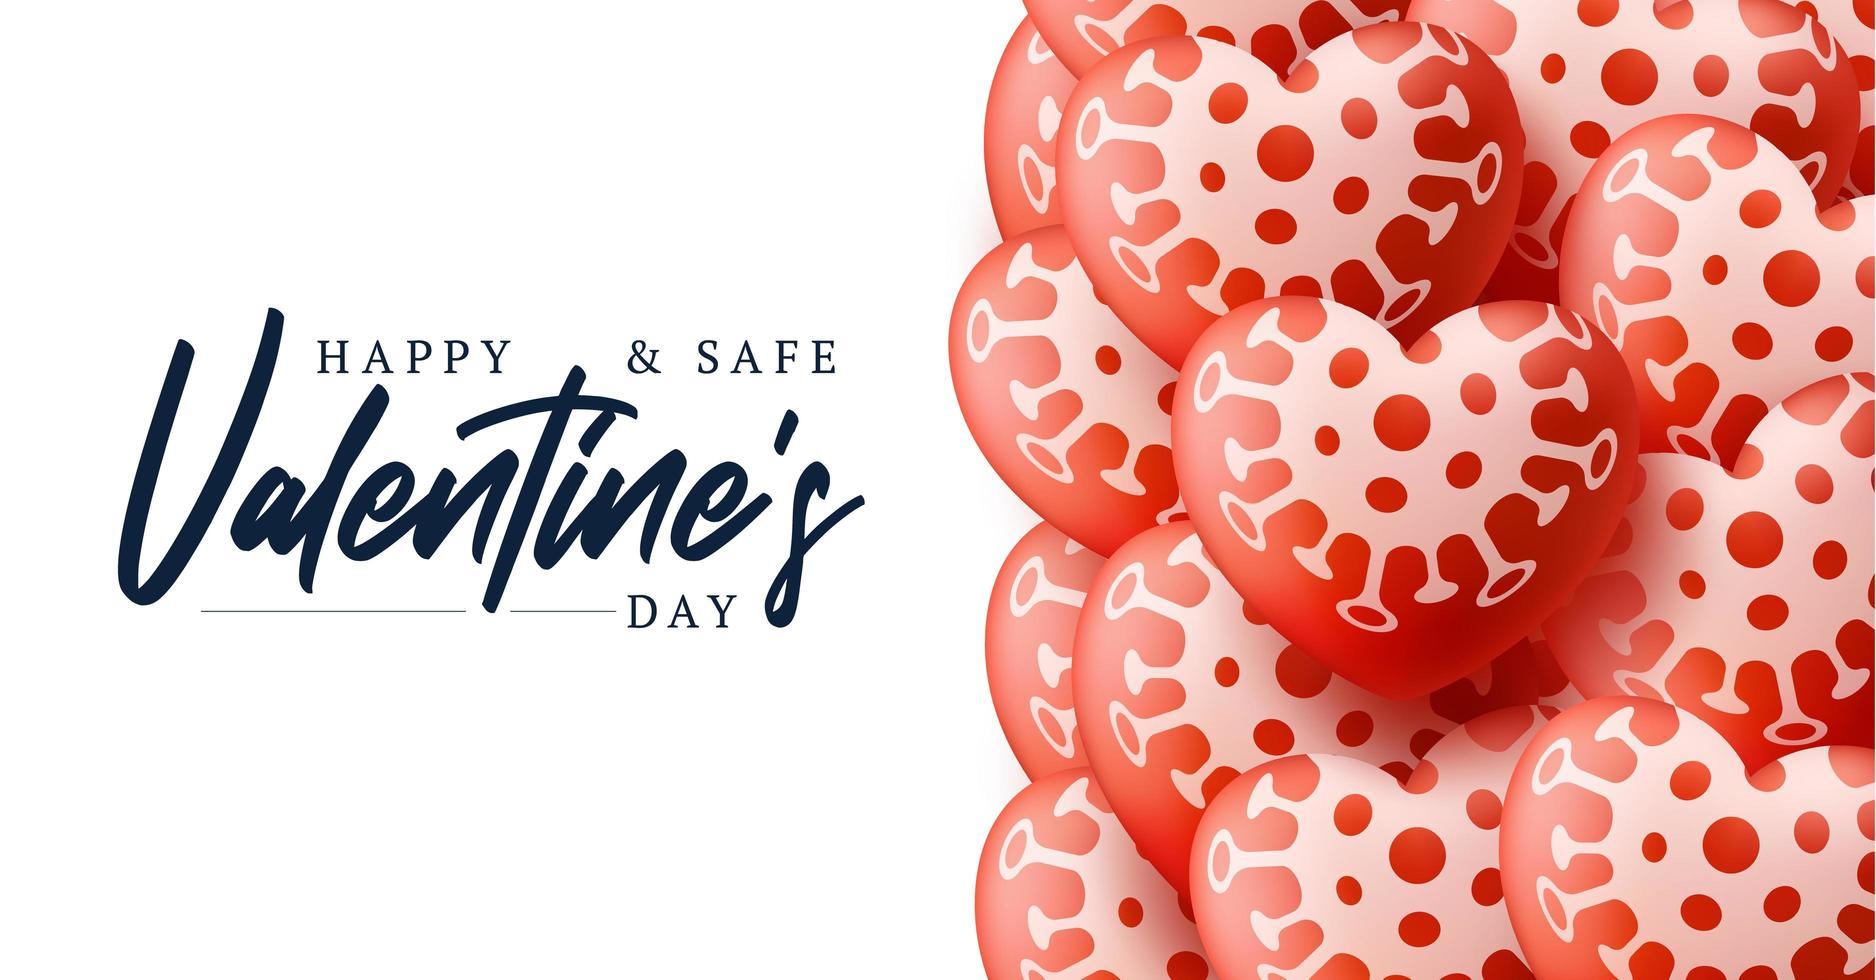 feliz e seguro fundo de venda de dia dos namorados com padrão de coração de balões. loce e ilustração em vetor conceito covid coronavirus. papel de parede, panfletos, convite, cartazes, brochura, banners